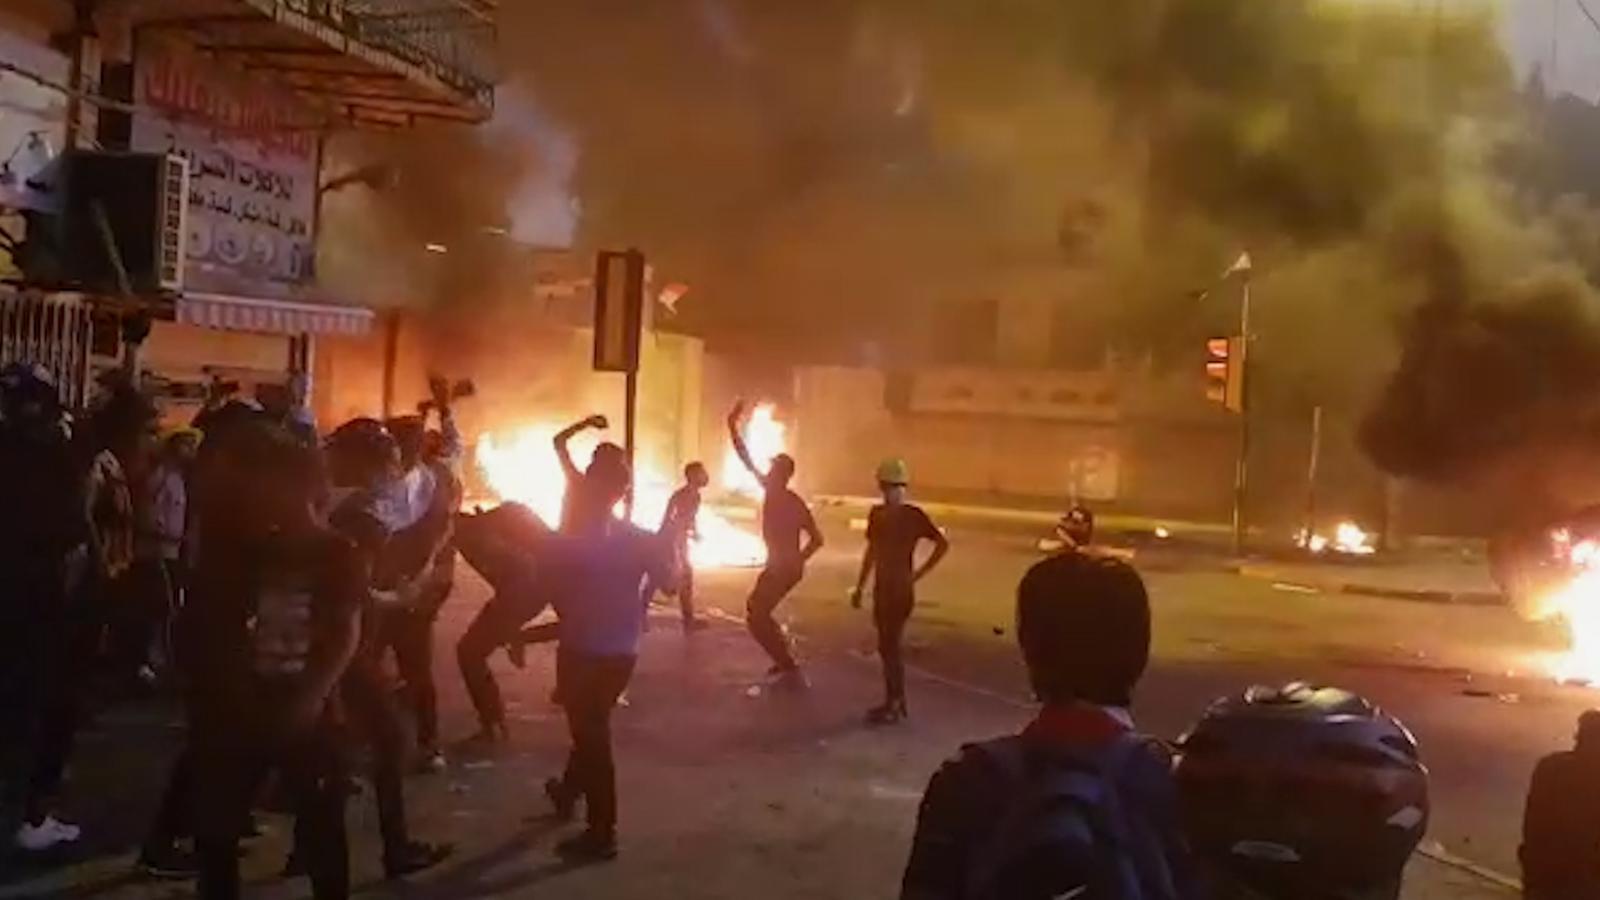 متظاهرو بغداد يوسعون احتجاج التحرير صوب جسرين وسط الرصاص والدخان